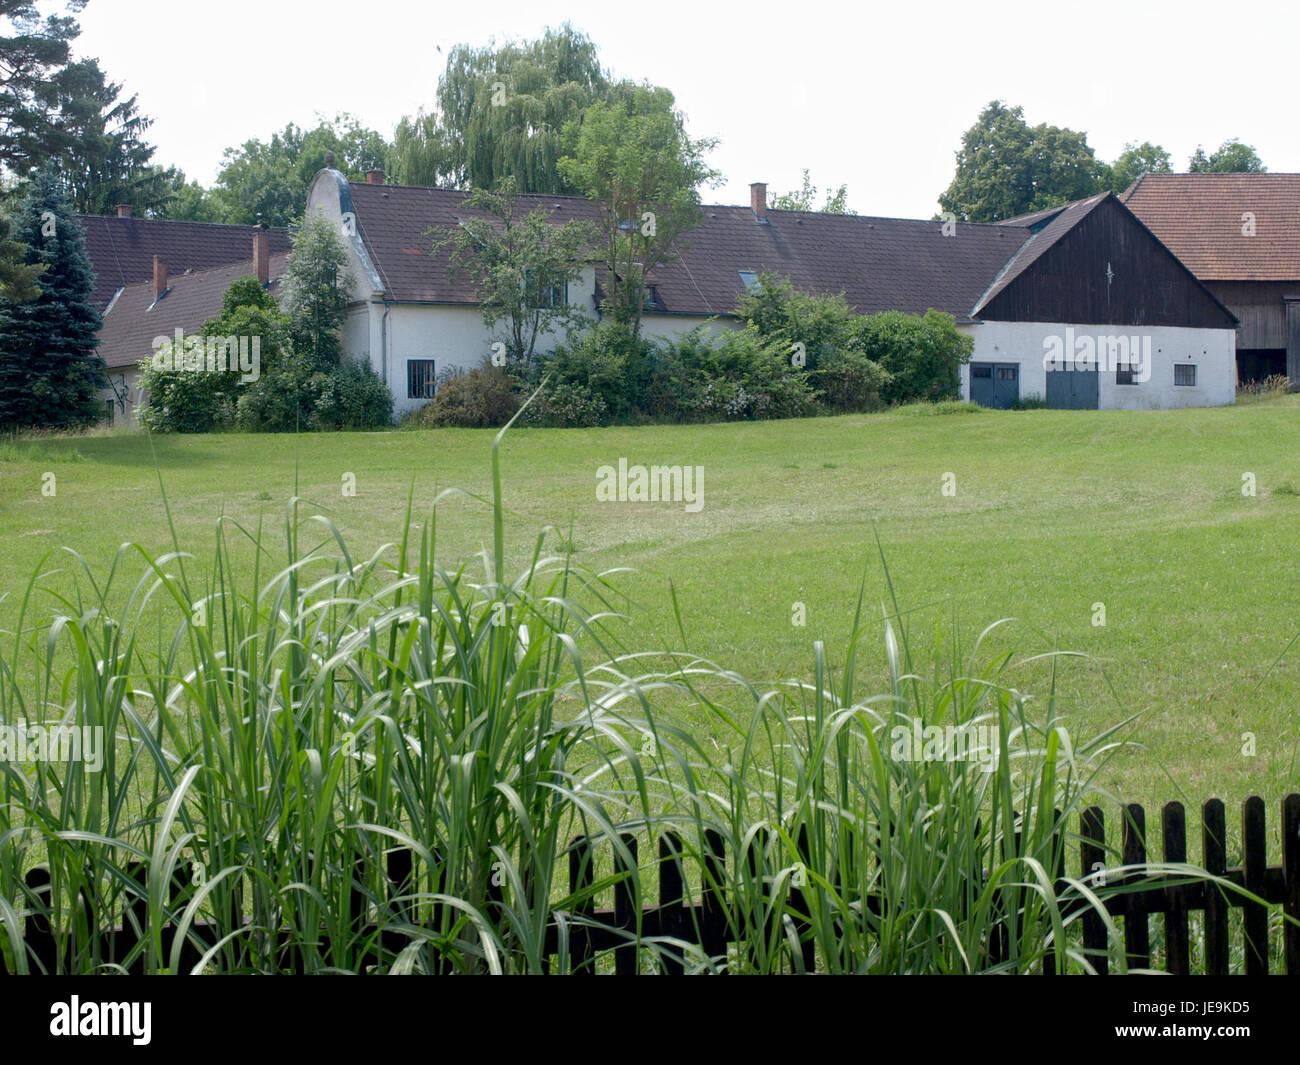 Charter AT-StiAG|GoettweigOSB|1436_V_16 - comunidadelectronica.com